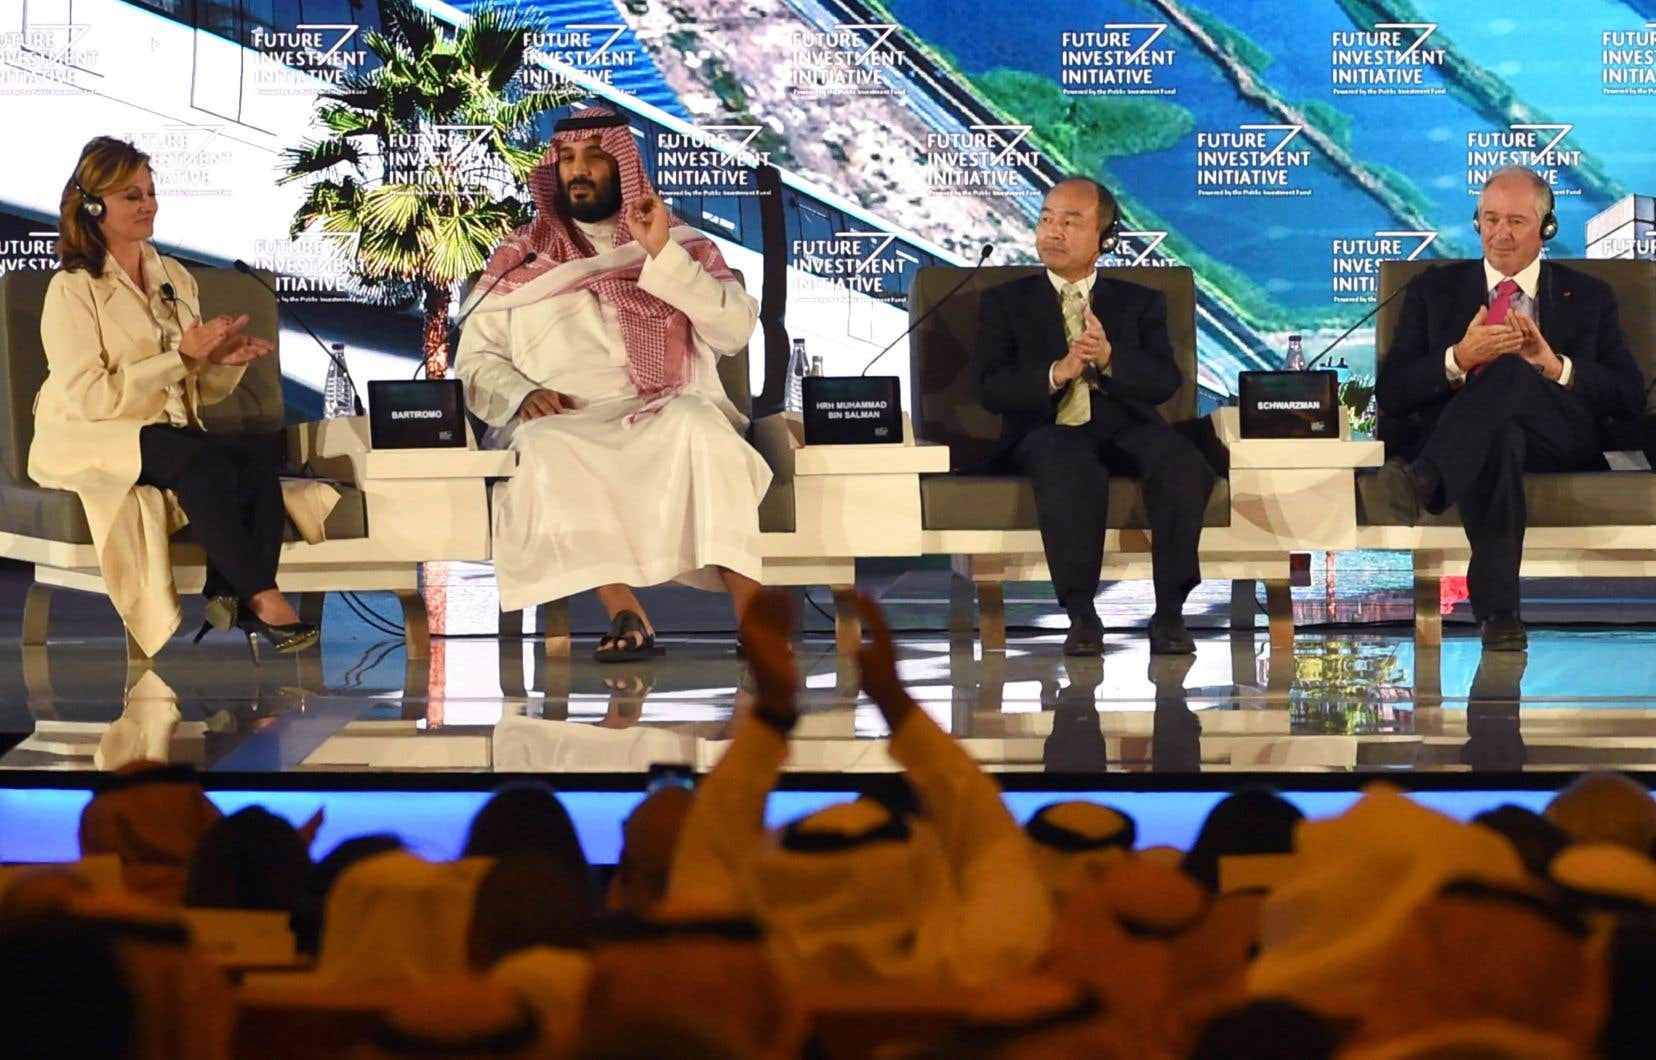 Depuis sa nomination en juin comme prince héritier, Mohammed ben Salmane s'est attaché à desserrer le carcan des milieux religieux sur la société.